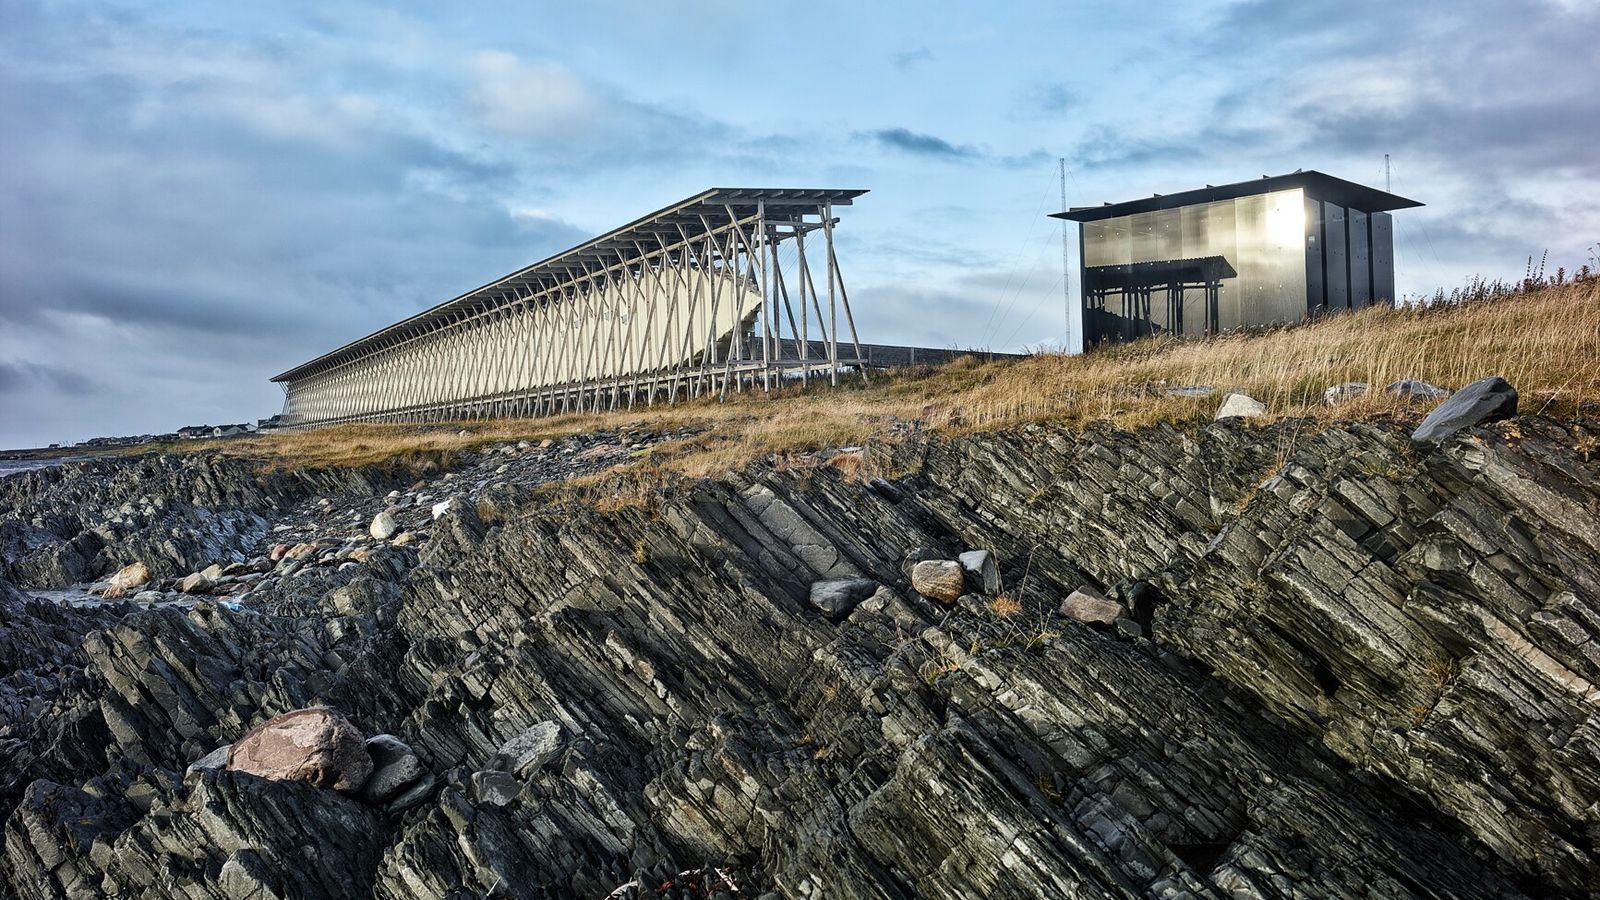 Le mémorial norvégien de Steilneset, situé en bordure de la mer de Barents, commémore 91 femmes et ...